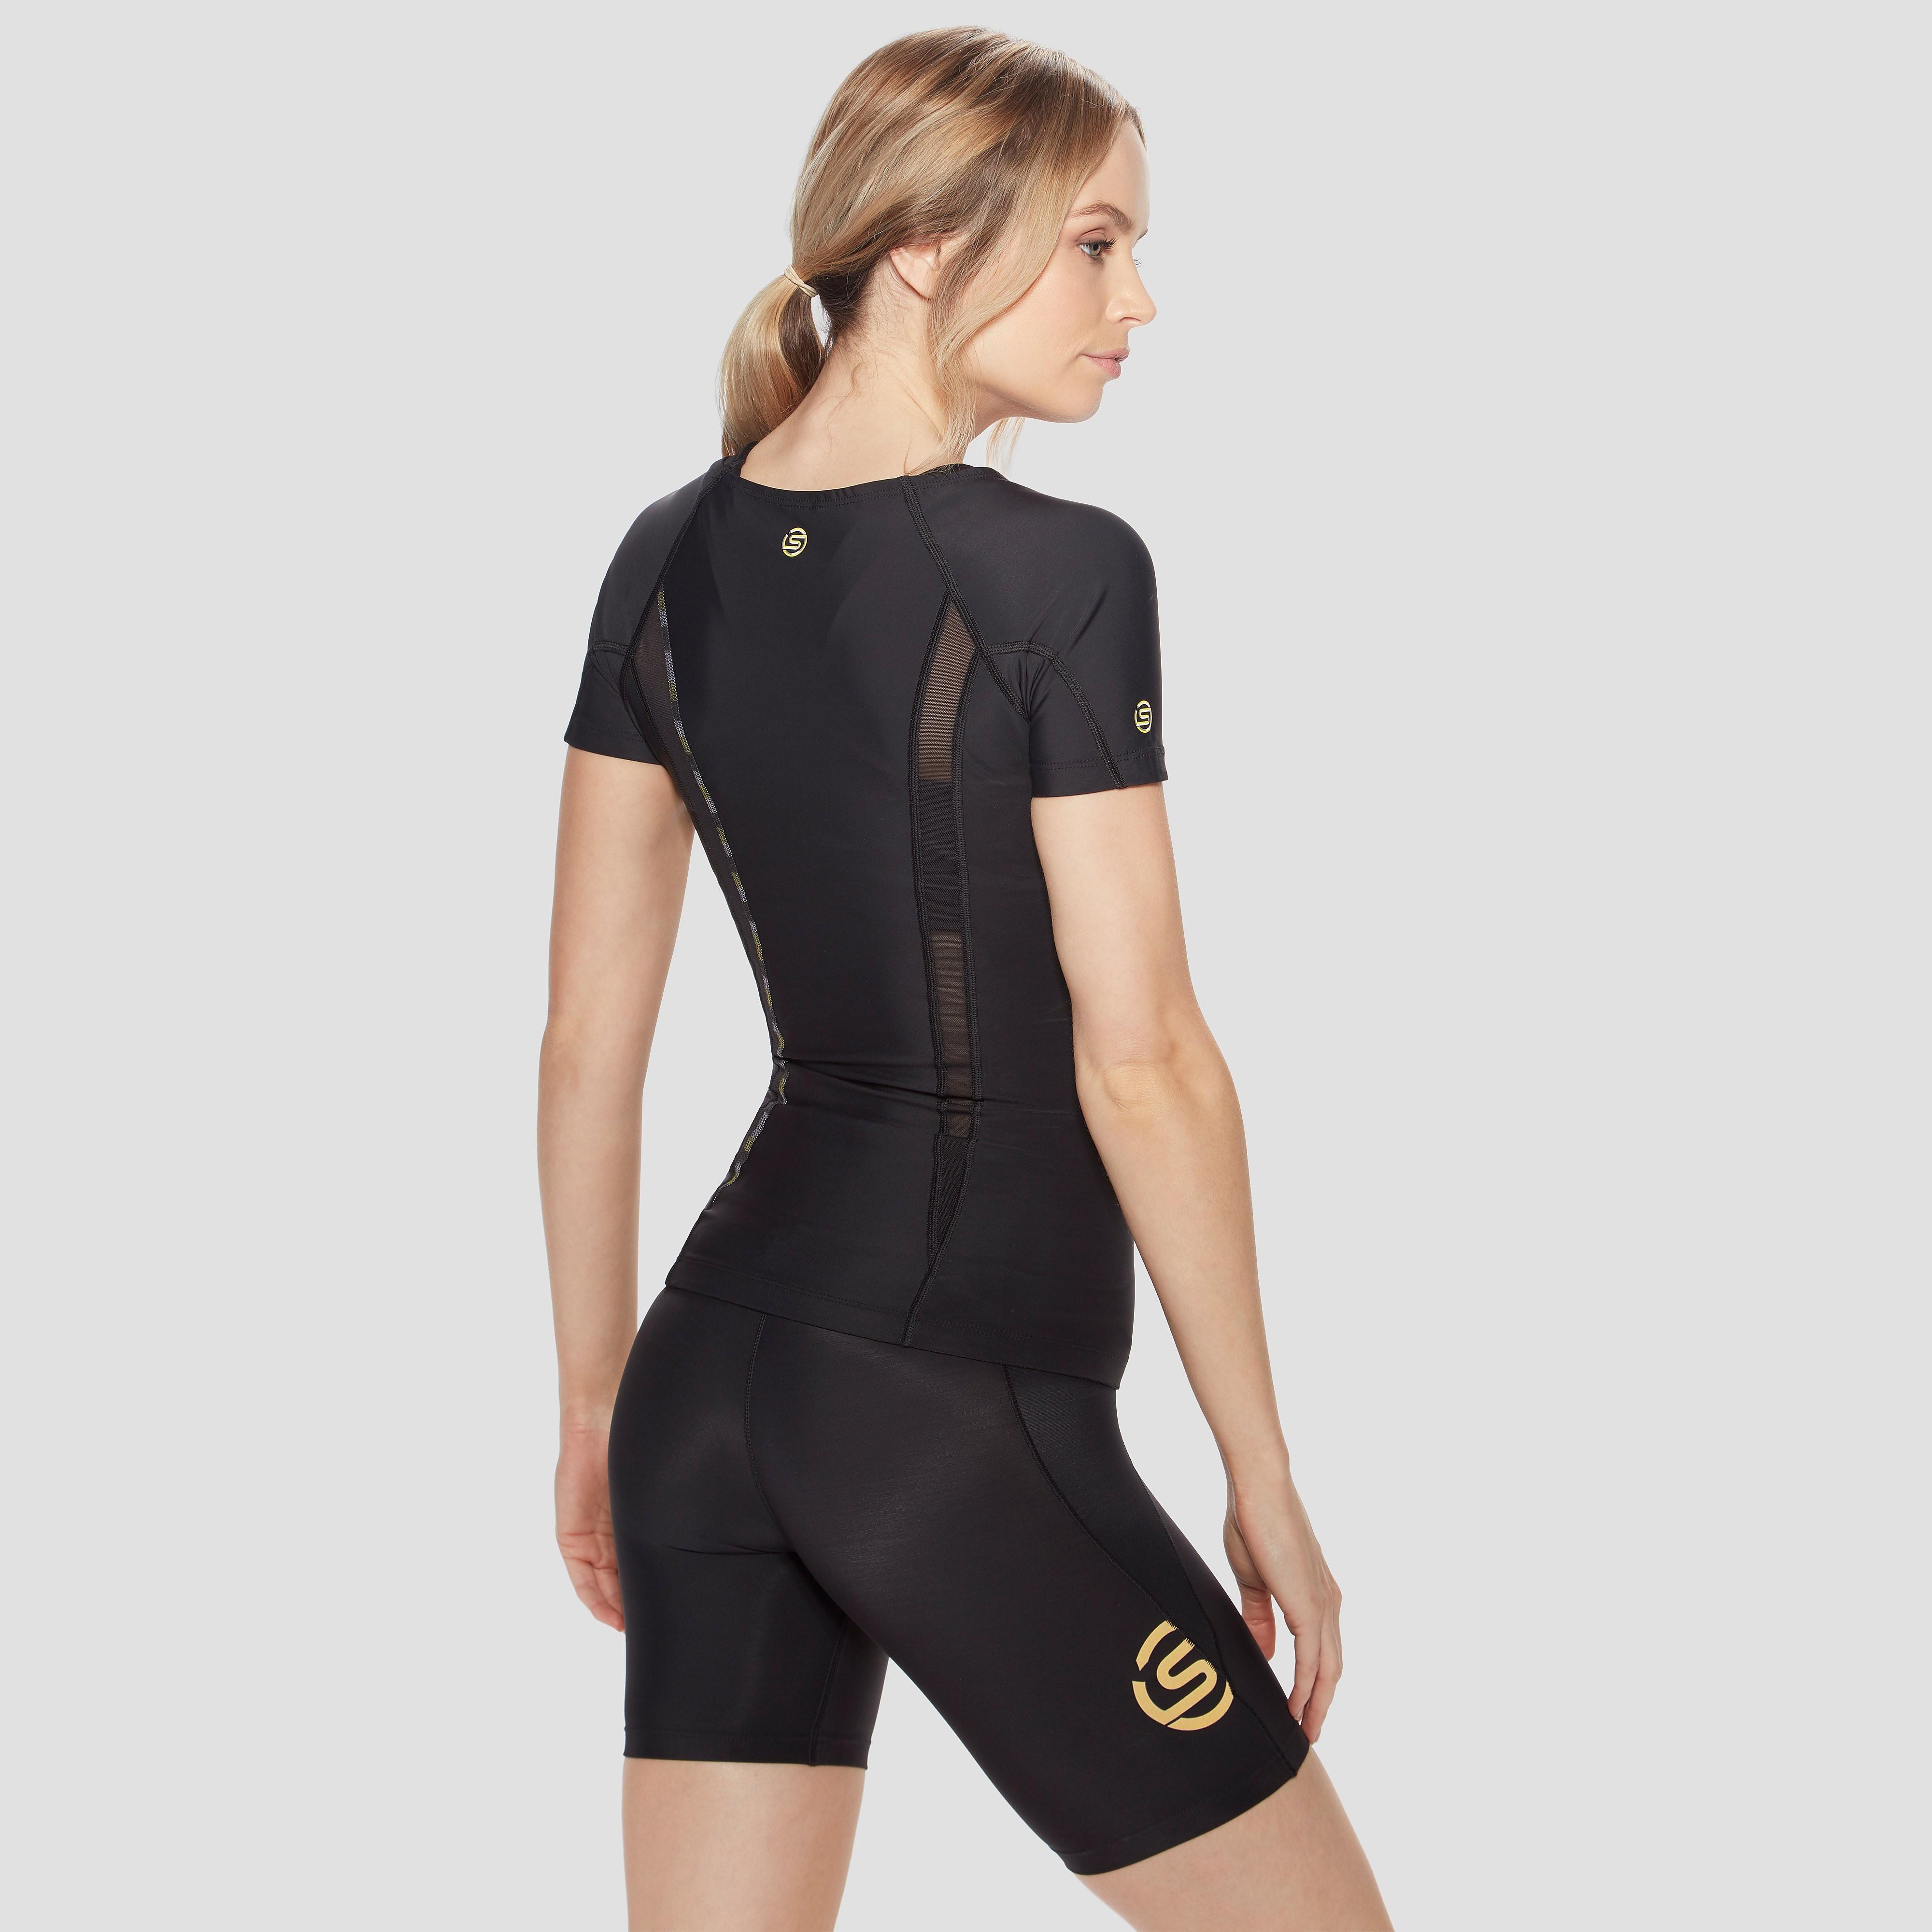 Skins DNAmic Short Sleeved Women's Training Top